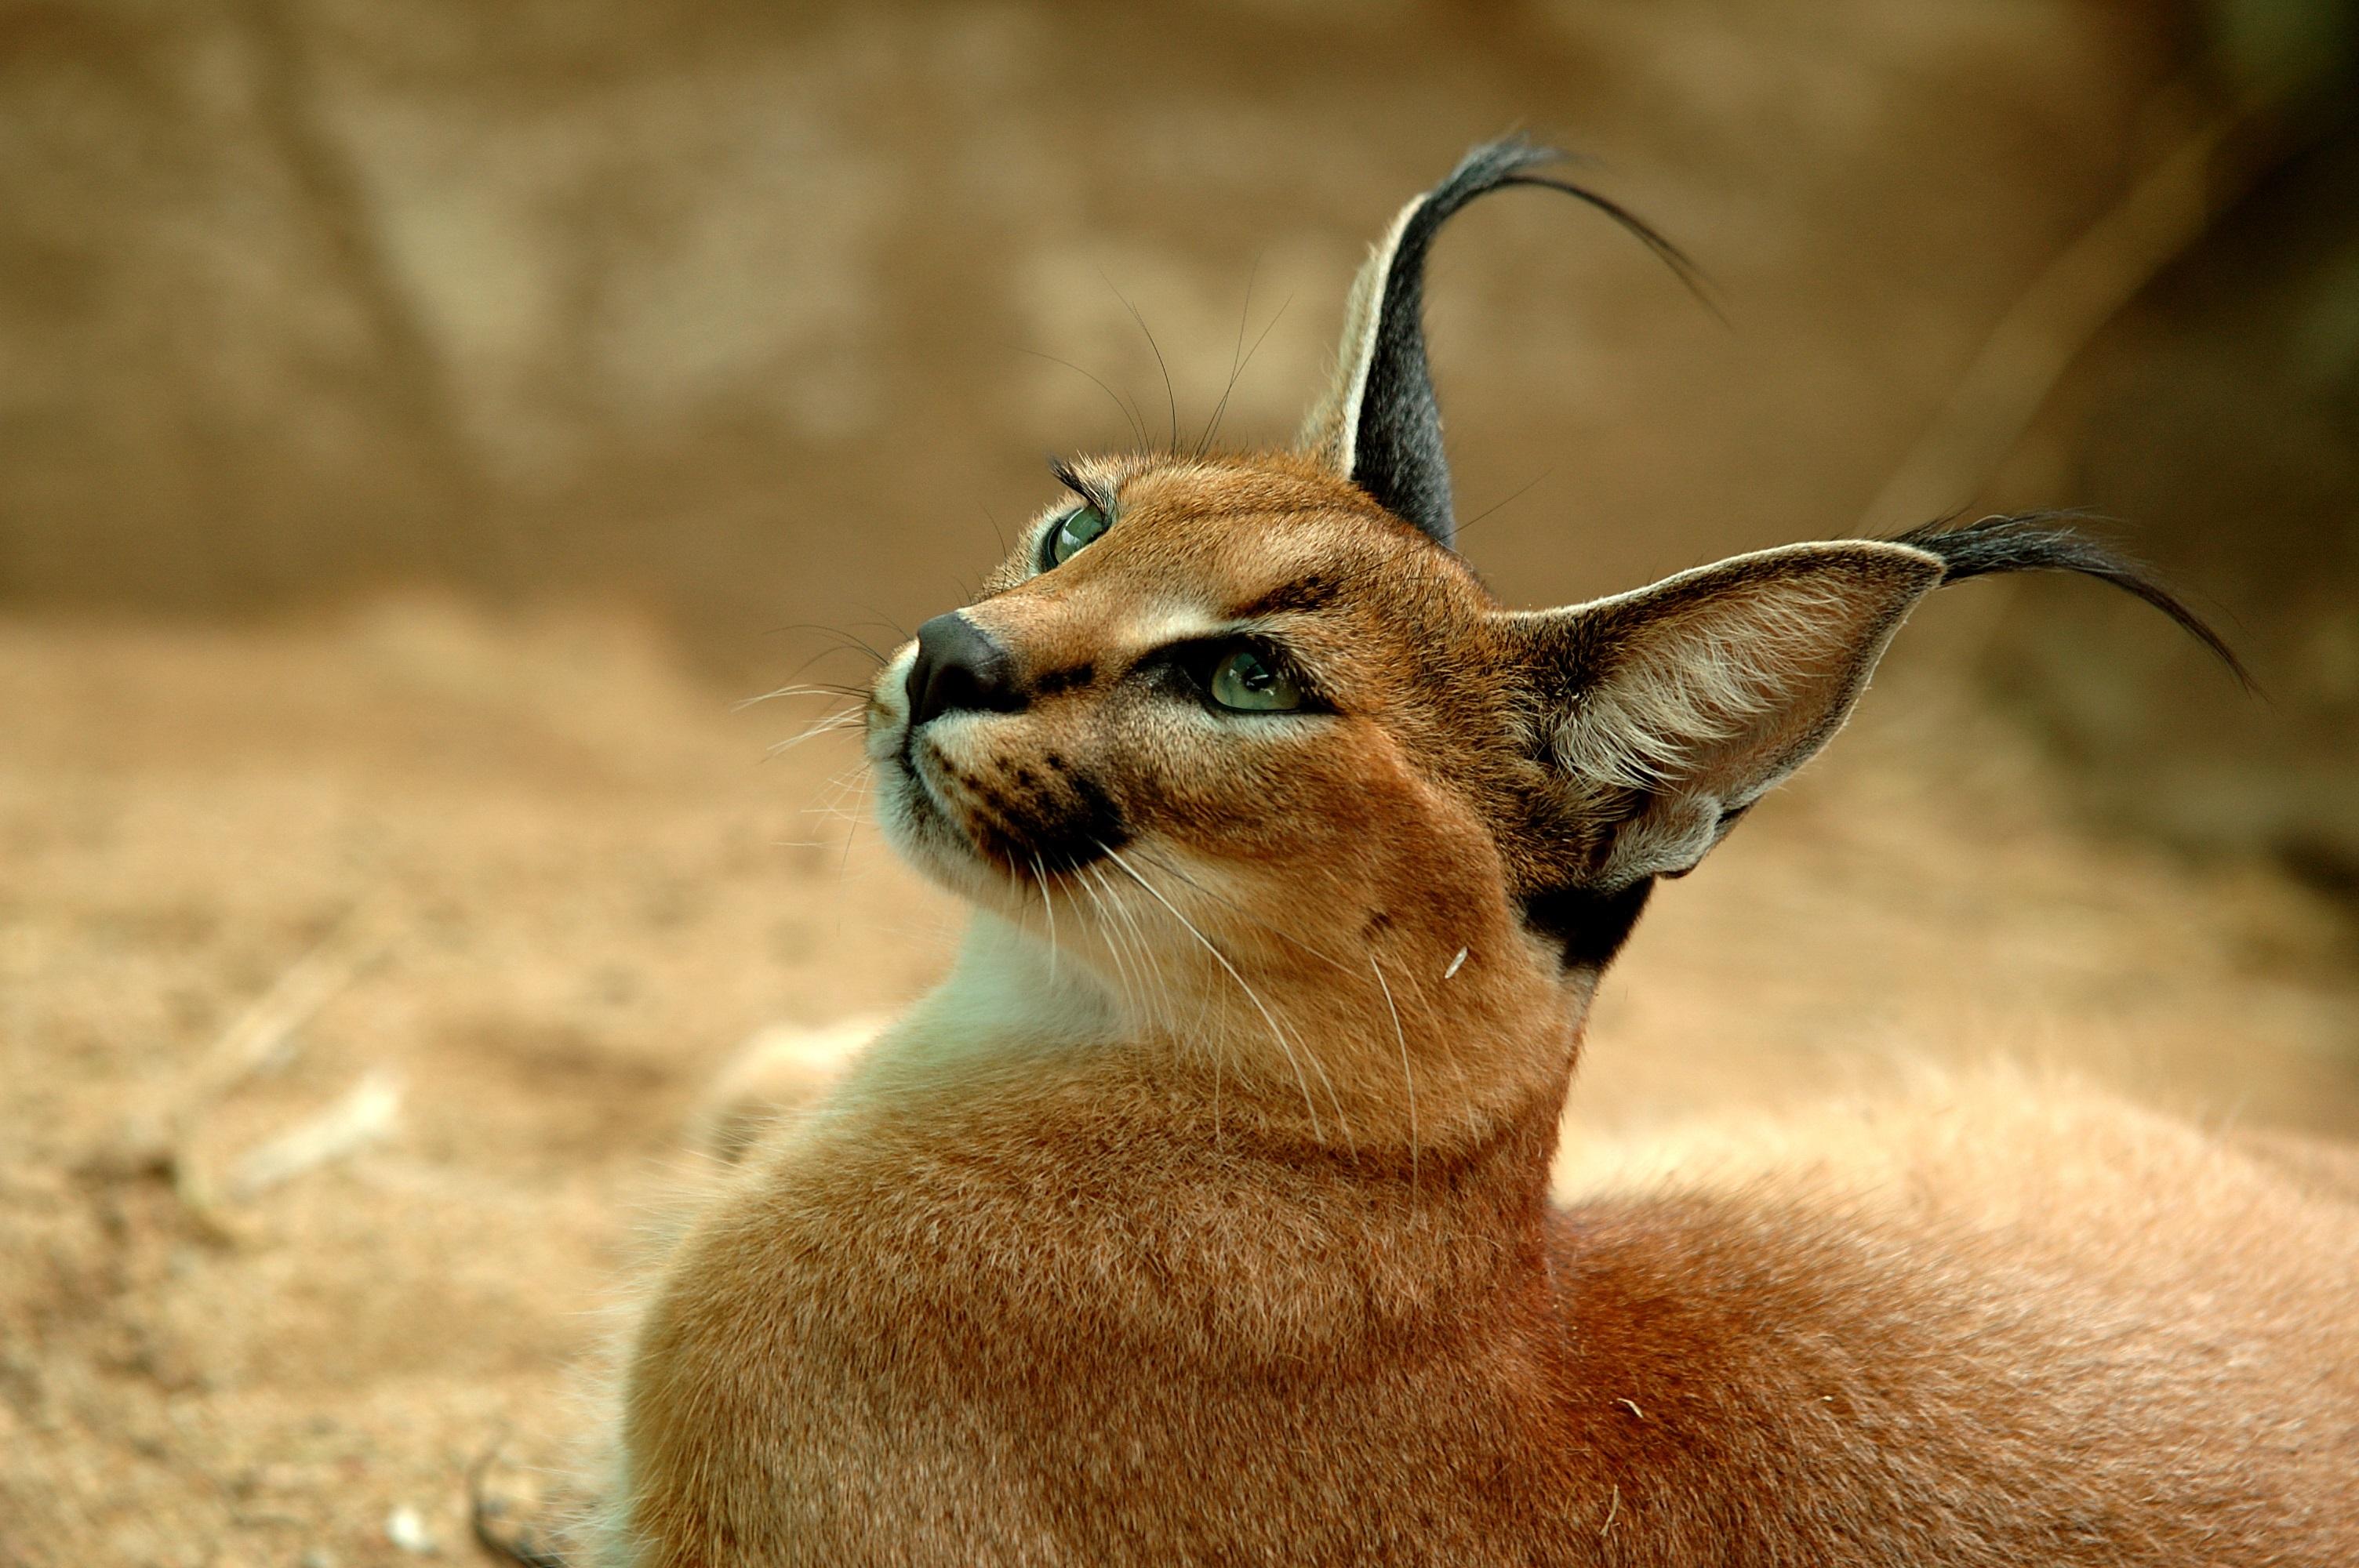 Каракал Каракалът е средна по размер дива котка, която живее в Африка, Близкия изток, Персия и Индийския субконтинент. Някога е използван в Иран и Индия за лов на птици. Каракалът притежава красиви тъмни снопчета косми на върха на ушите им. Все пак не пресичайте пътя им. Каракалите са извесни като едни от най-сърдитите и съскащи диви котки в света.